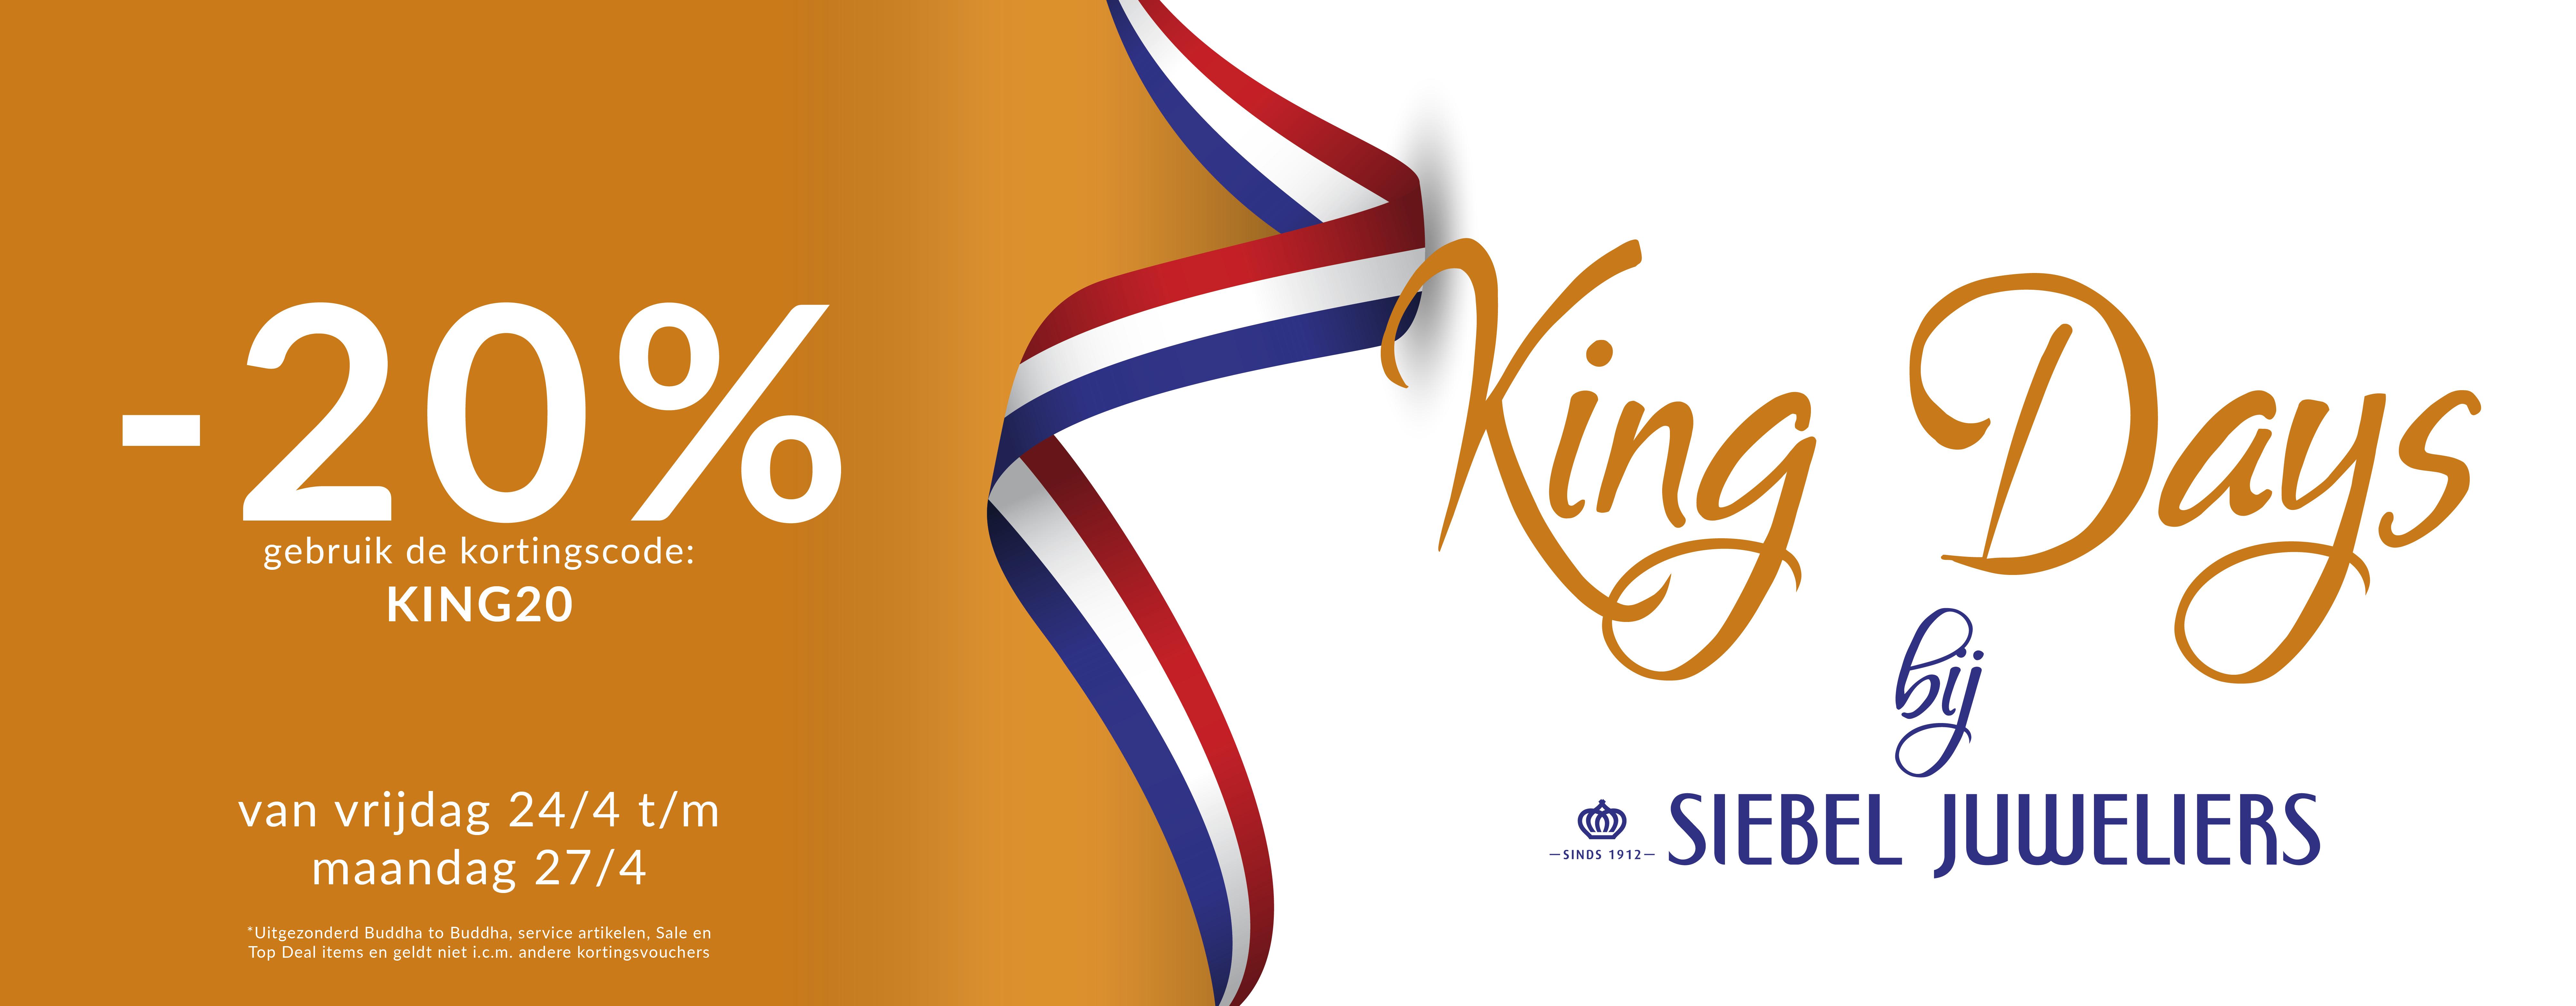 King Days